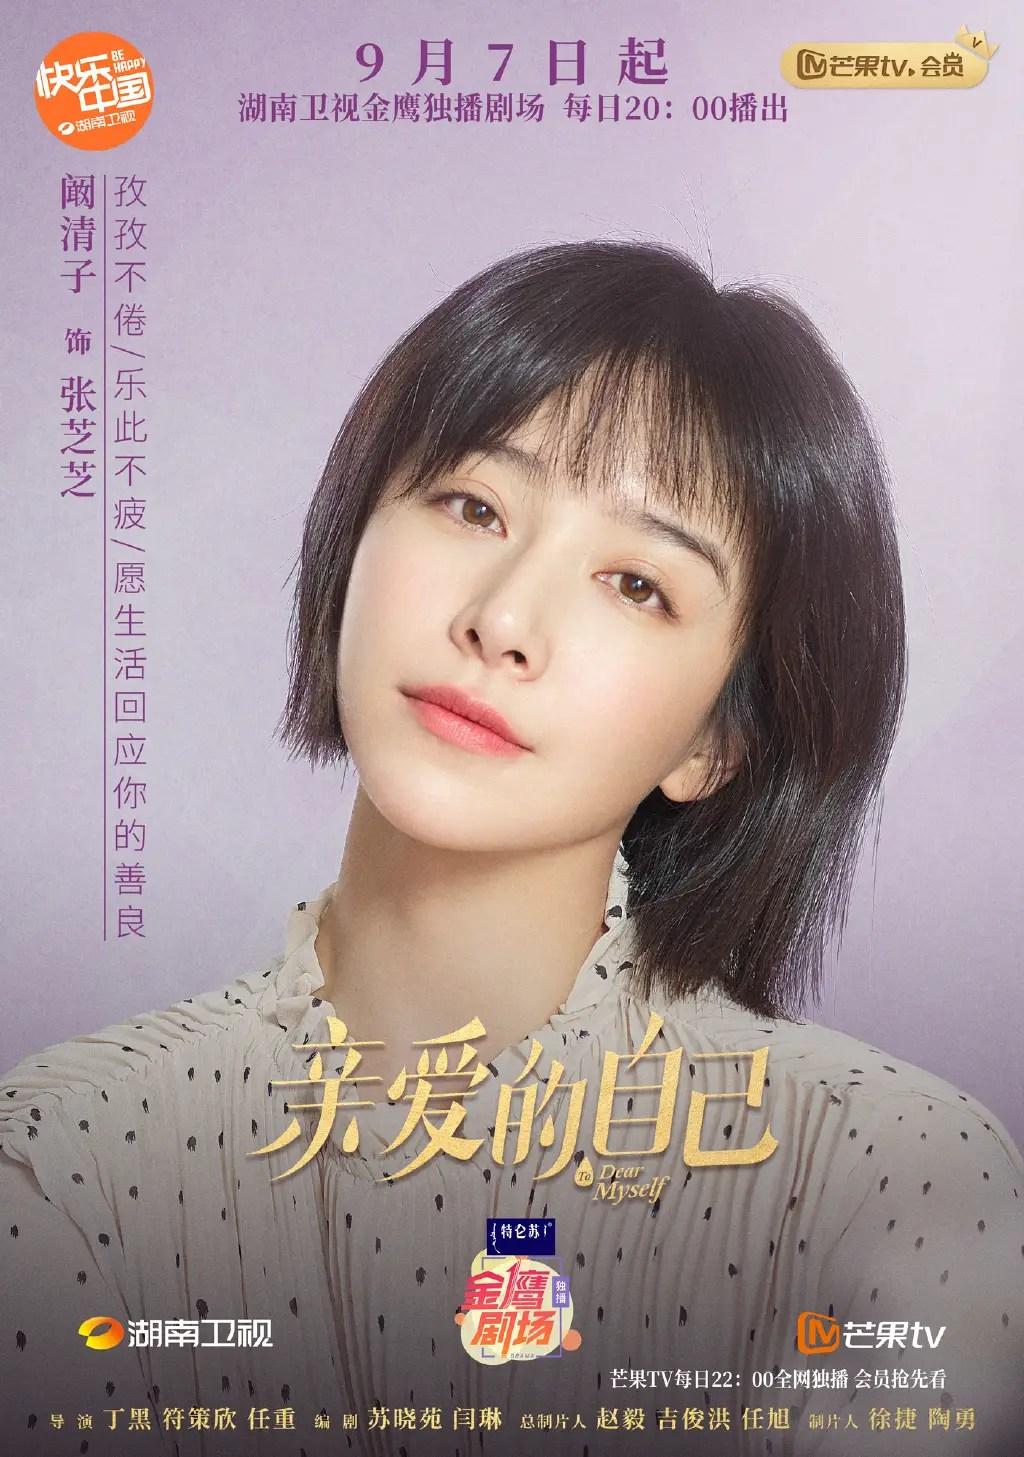 Han Qing Zi